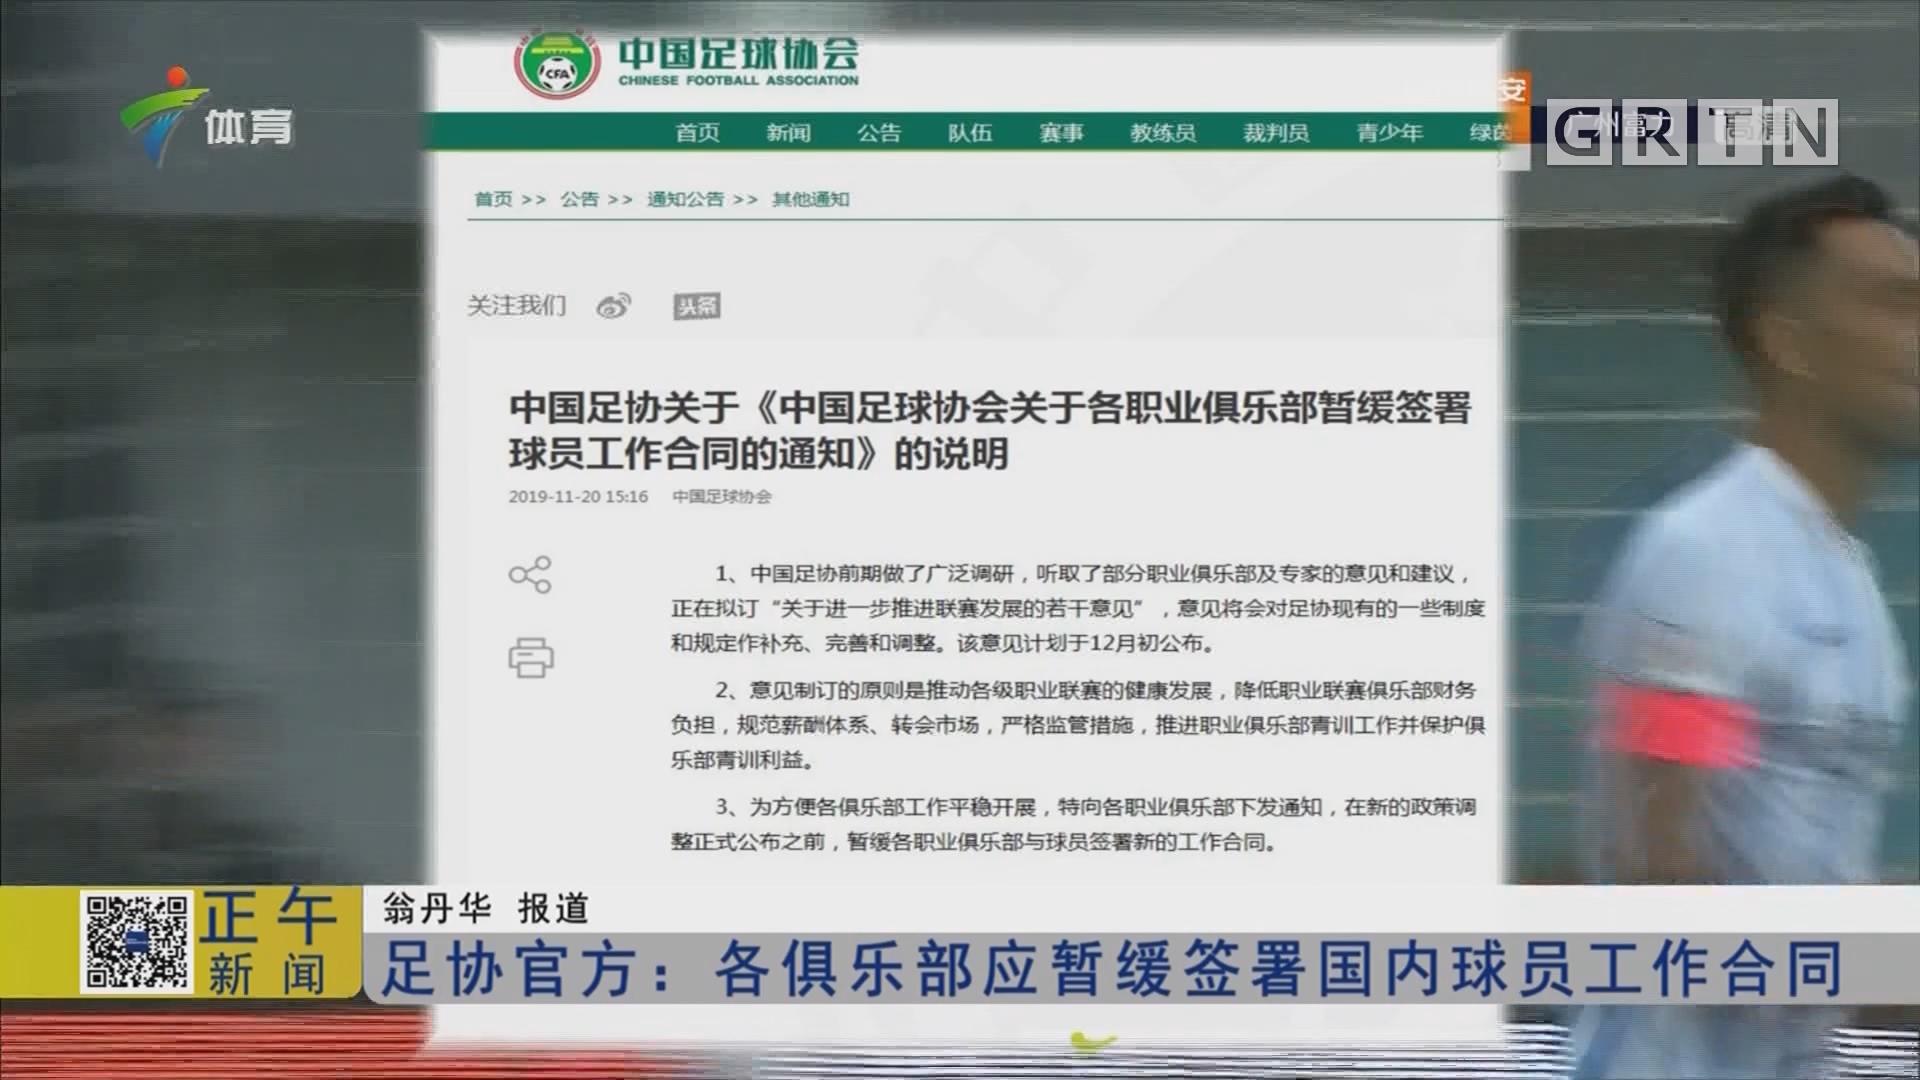 足协官方:各俱乐部应暂缓签署国内球员工作合同